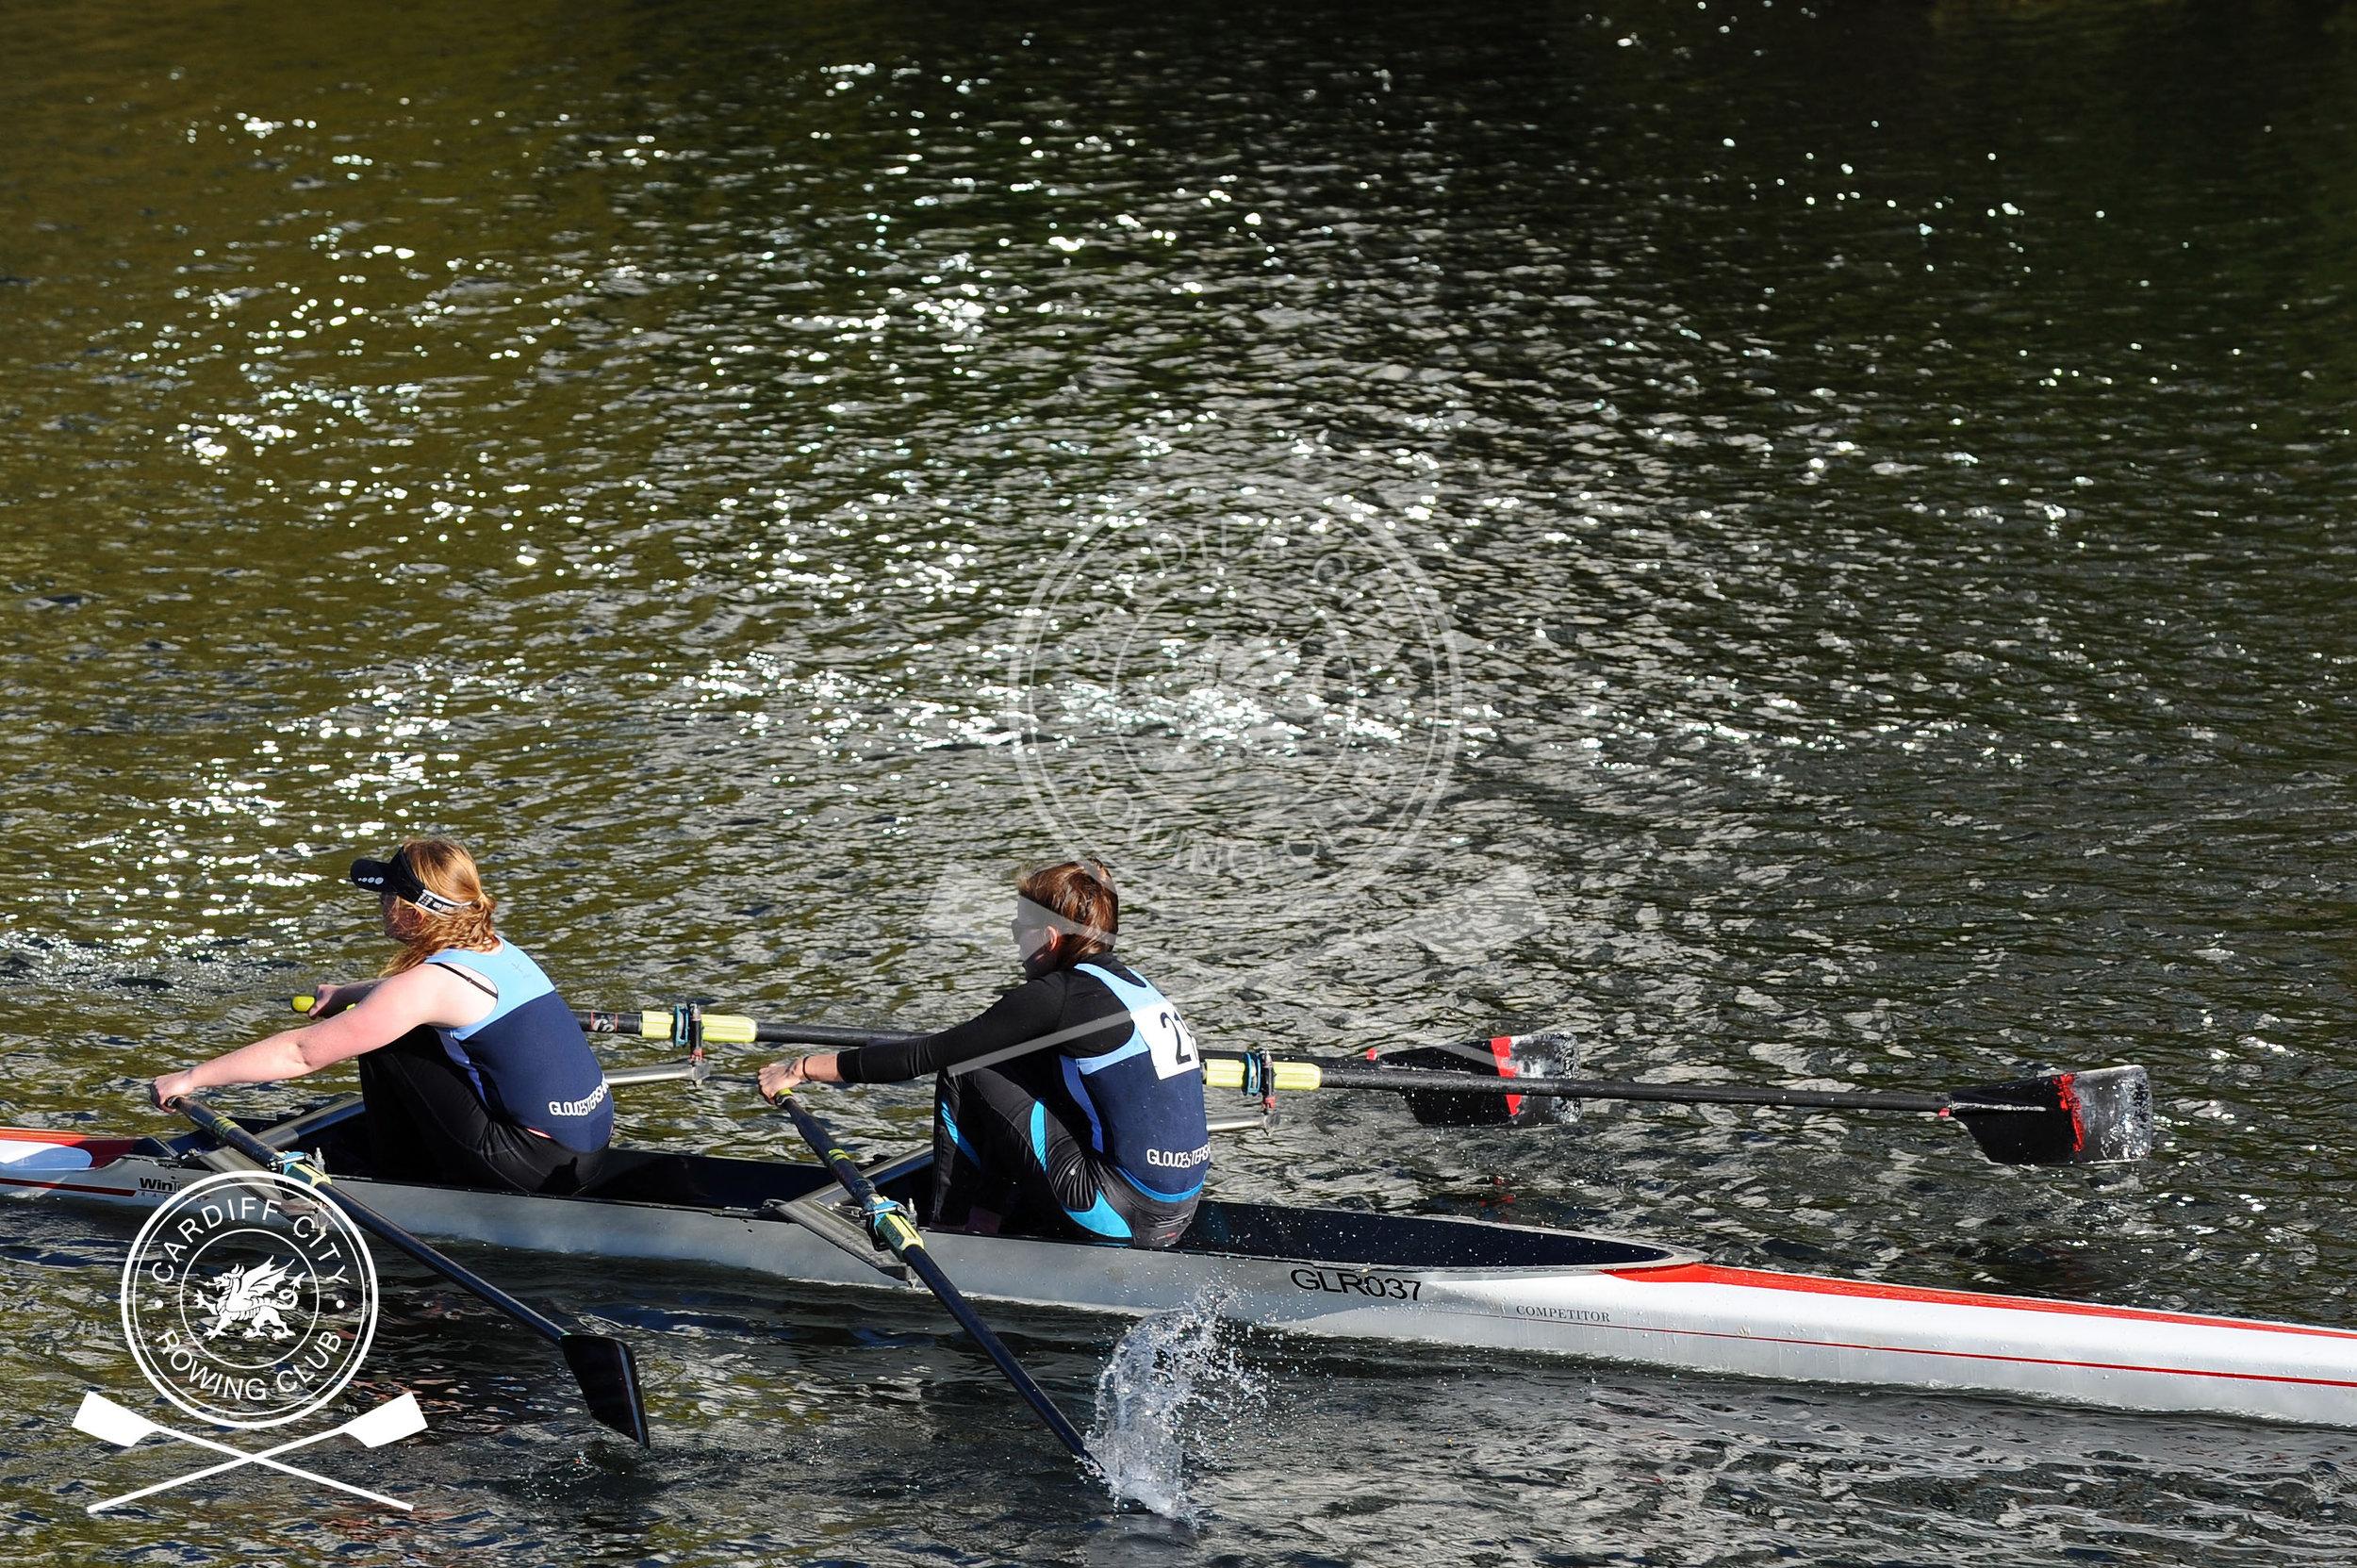 Cardiff_City_Head_Race_53.jpg